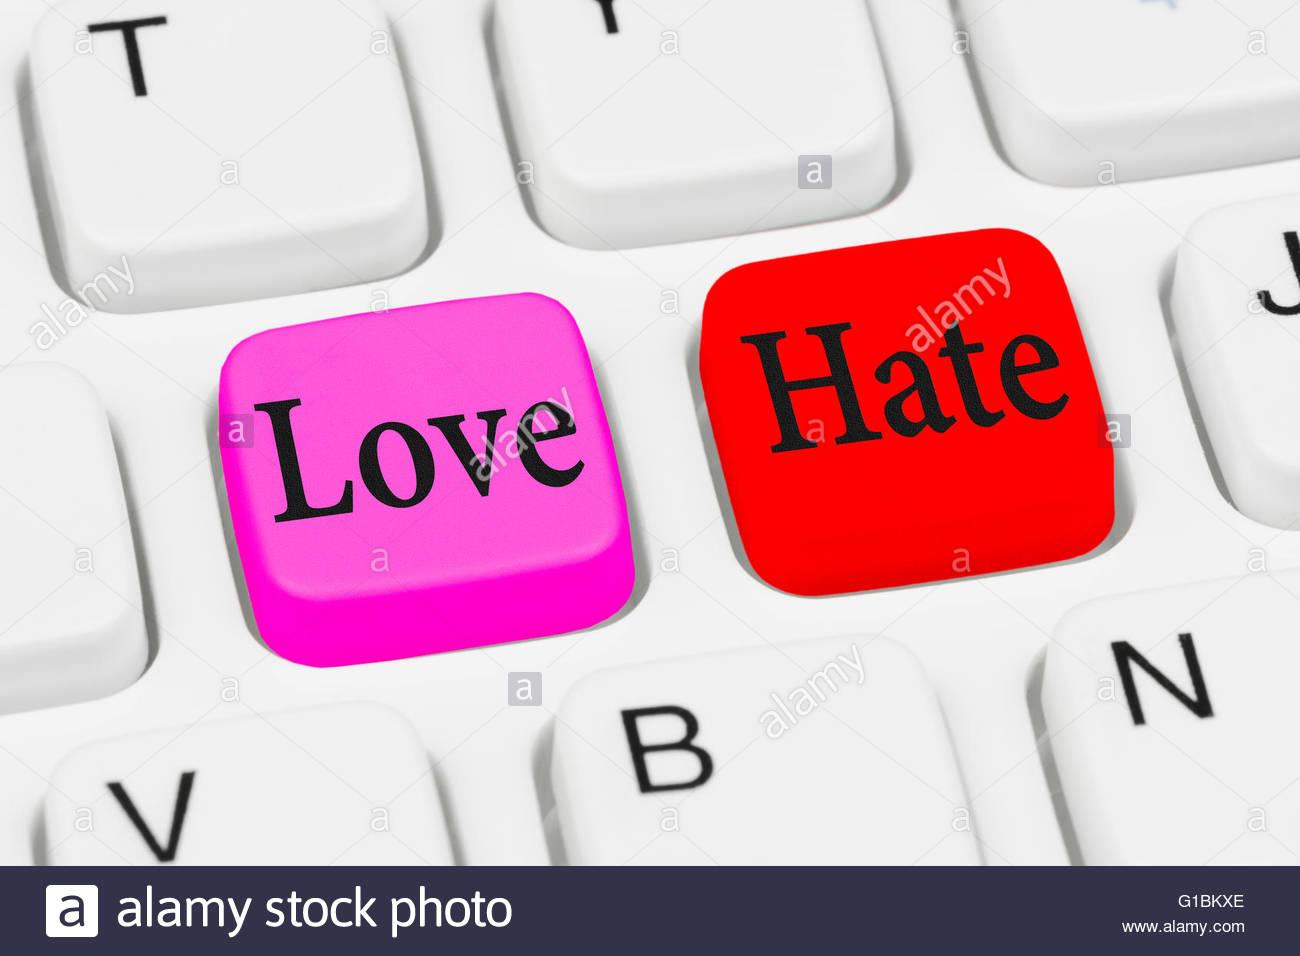 El amor o el odio los botones de un teclado de ordenador. Imagen De Stock